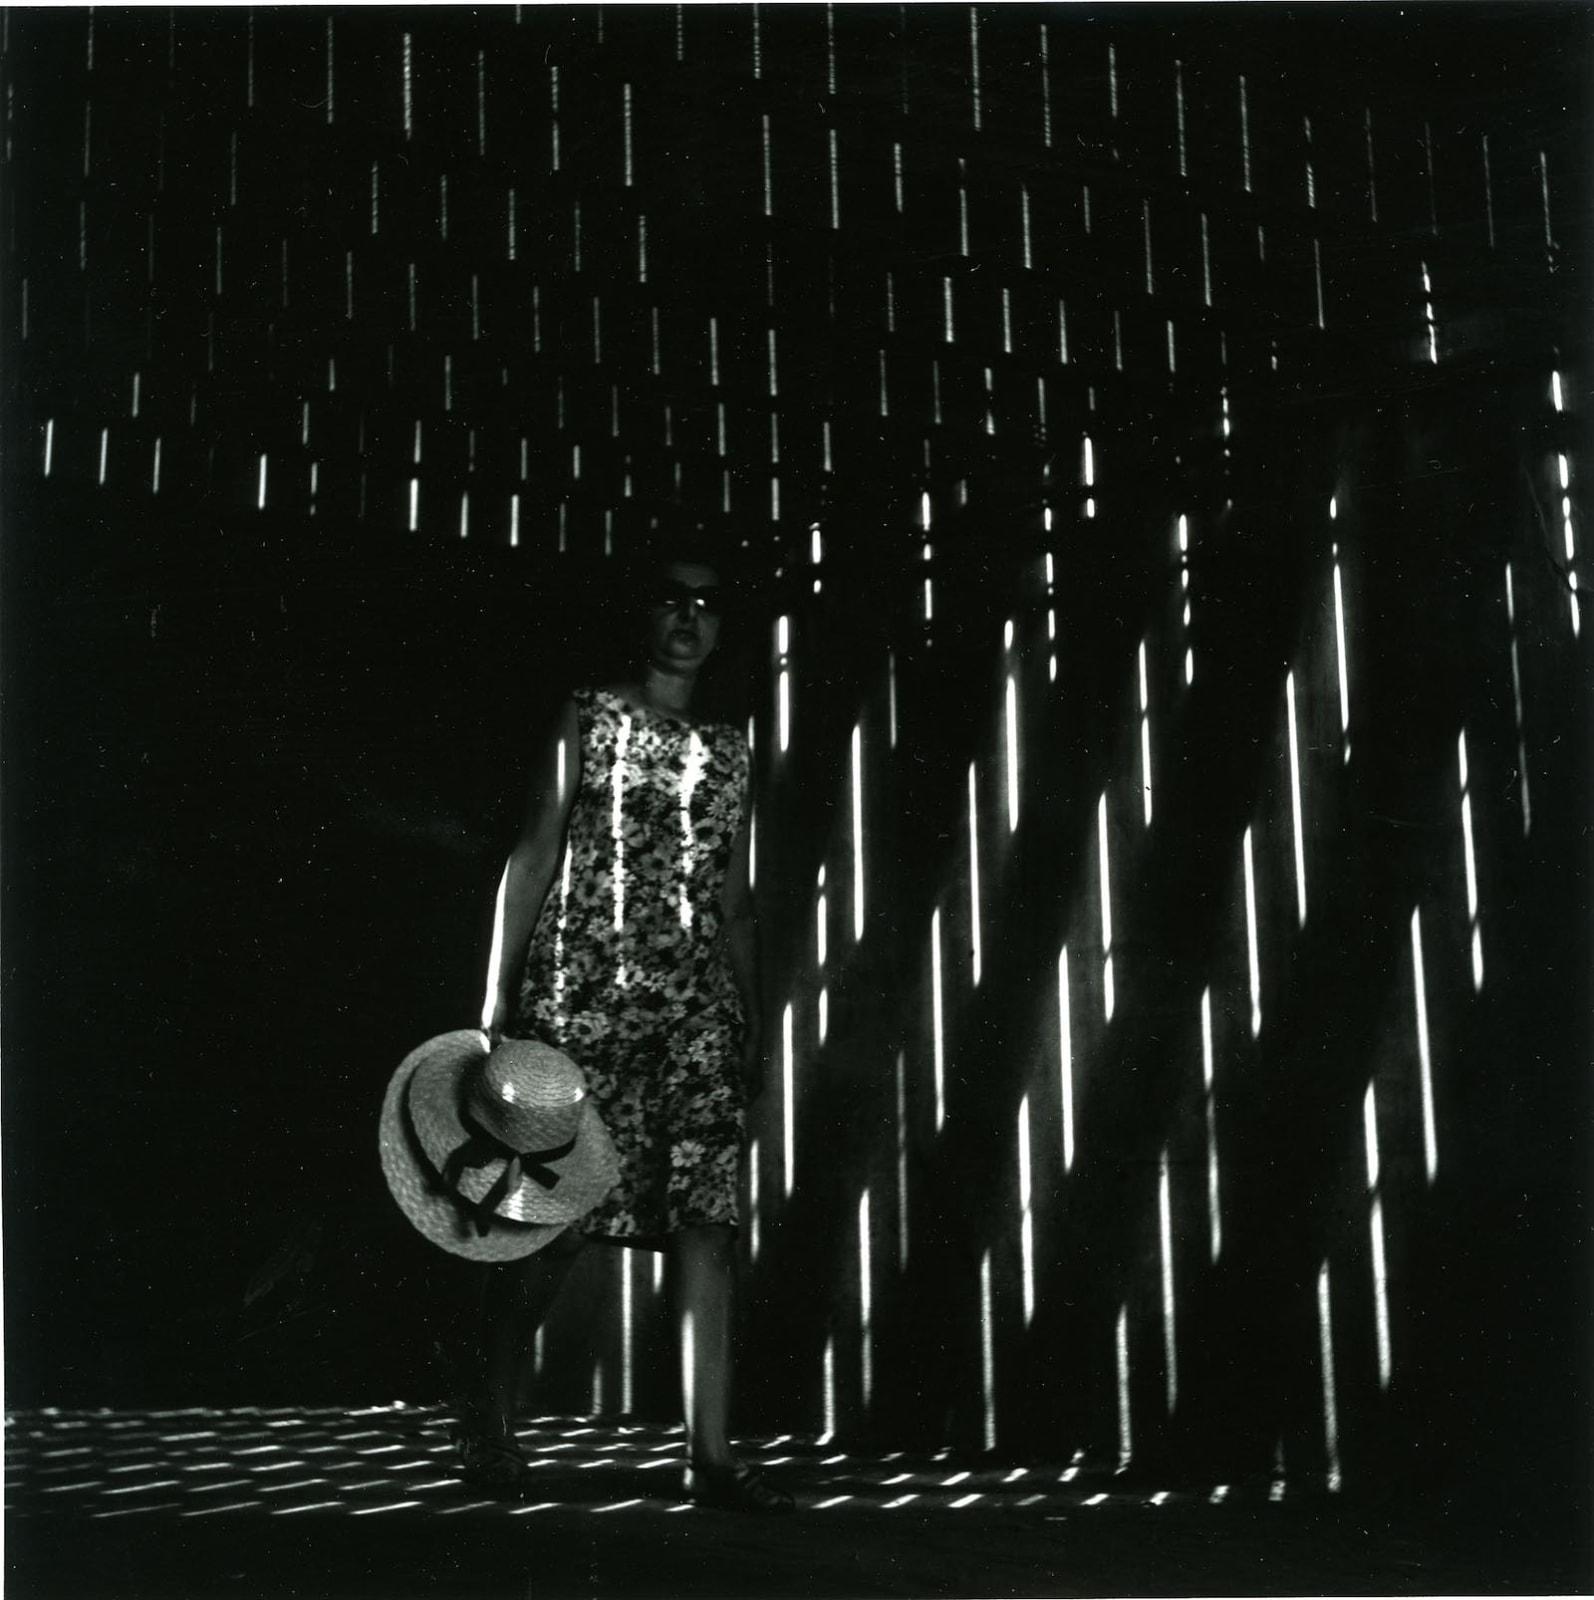 Ray K. Metzker, Under the boardwalk, Atlantic City, 1966